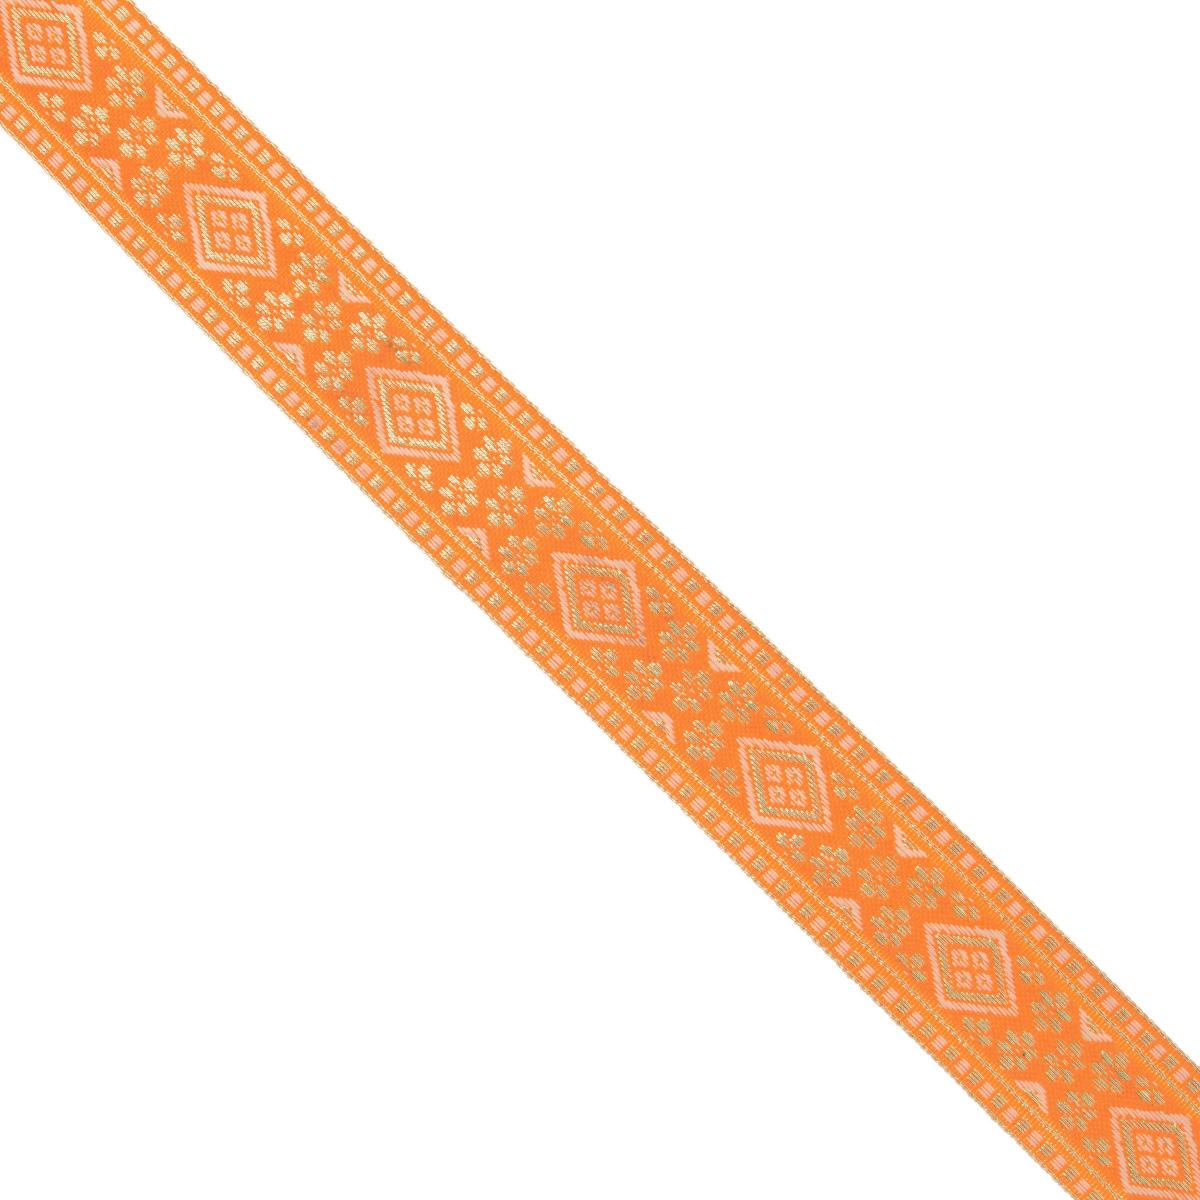 Тесьма декоративная Астра, цвет: оранжевый (А14), ширина 2,5 см, длина 16,4 м. 77033297703329_A14Декоративная тесьма Астра выполнена из текстиля и оформлена оригинальным орнаментом. Такая тесьма идеально подойдет для оформления различных творческих работ таких, как скрапбукинг, аппликация, декор коробок и открыток и многое другое. Тесьма наивысшего качества и практична в использовании. Она станет незаменимым элементом в создании рукотворного шедевра. Ширина: 2,5 см.Длина: 16,4 м.